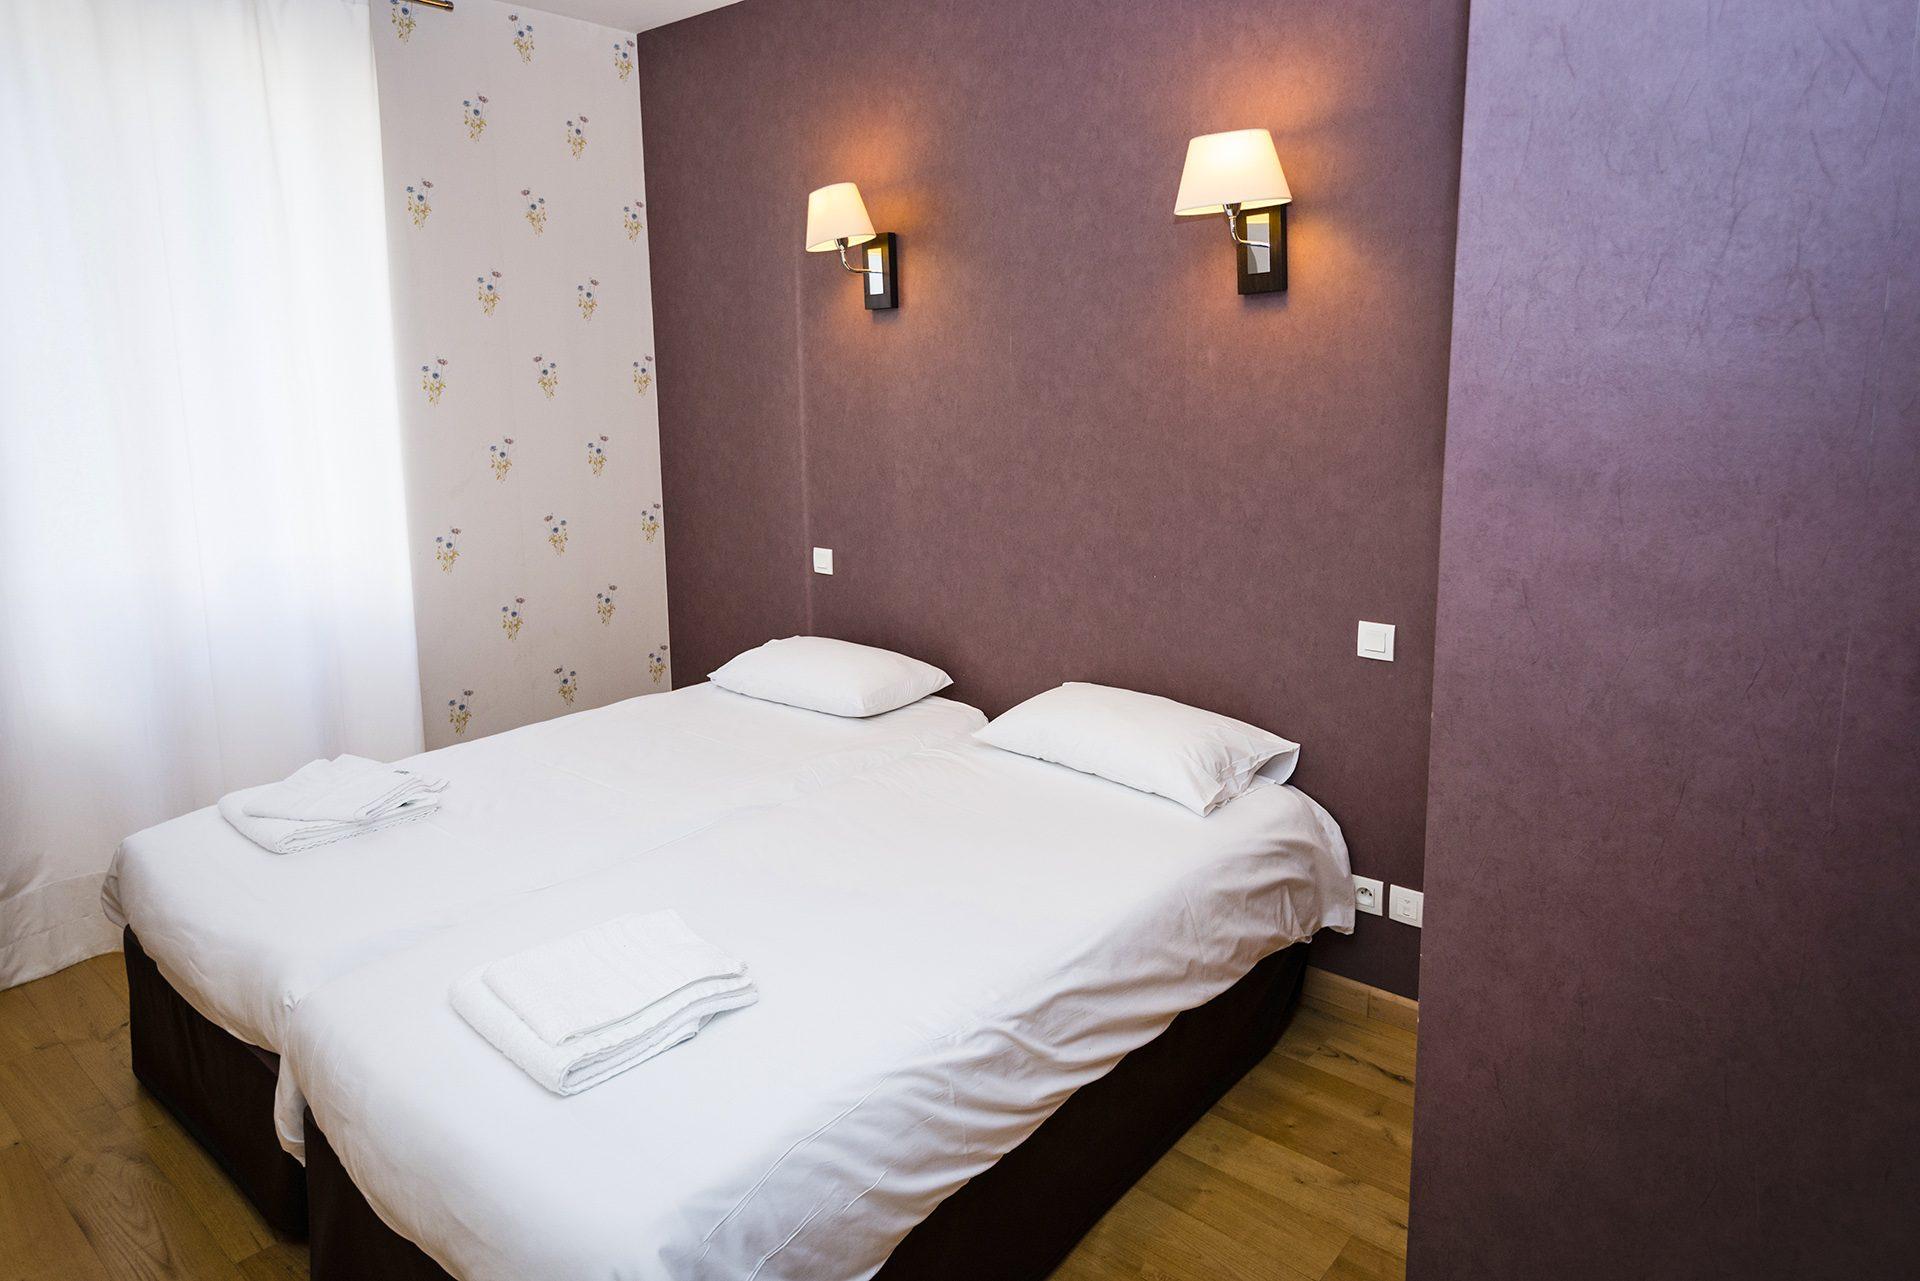 Chambre Familiale - Partie enfant - Hôtel *** Le Chalet à Ax les Thermes en Ariège Pyrénées